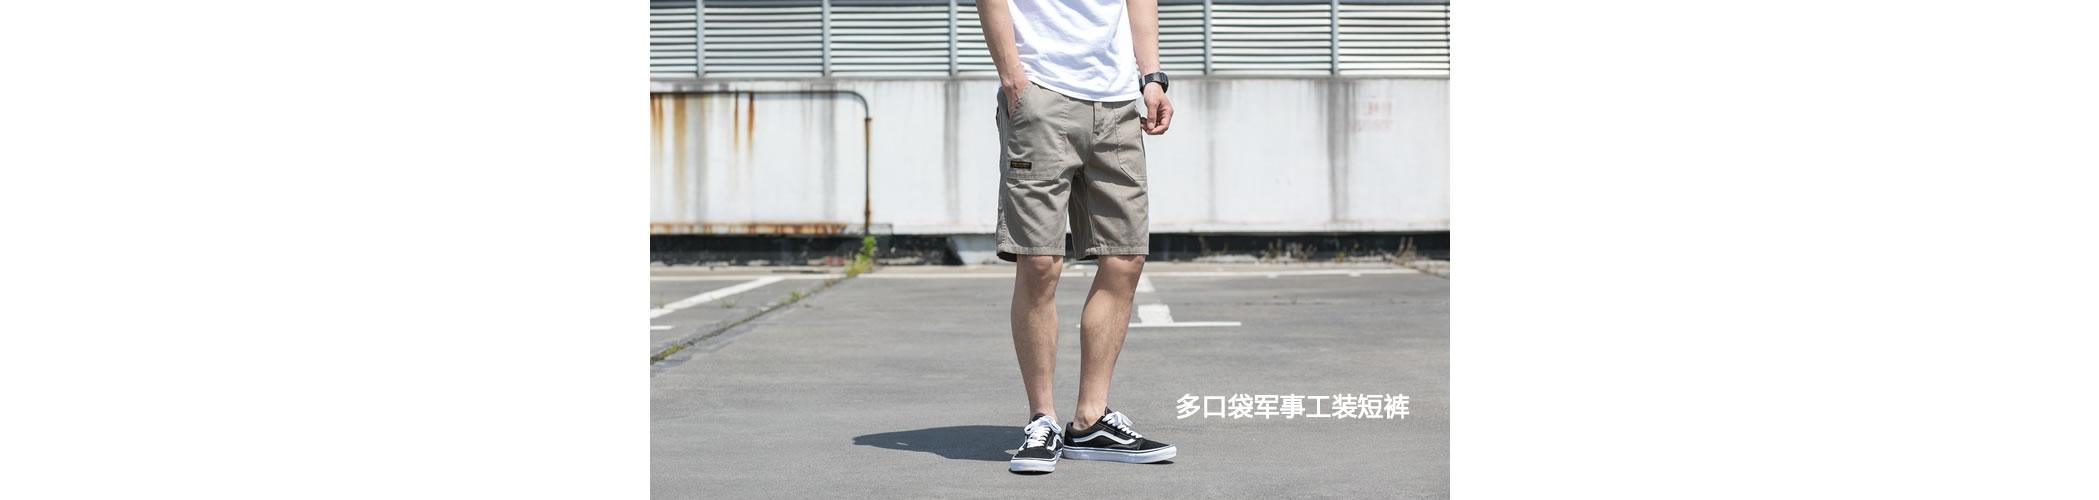 多口袋休闲军事中裤夏季日系工装短裤多袋五分裤